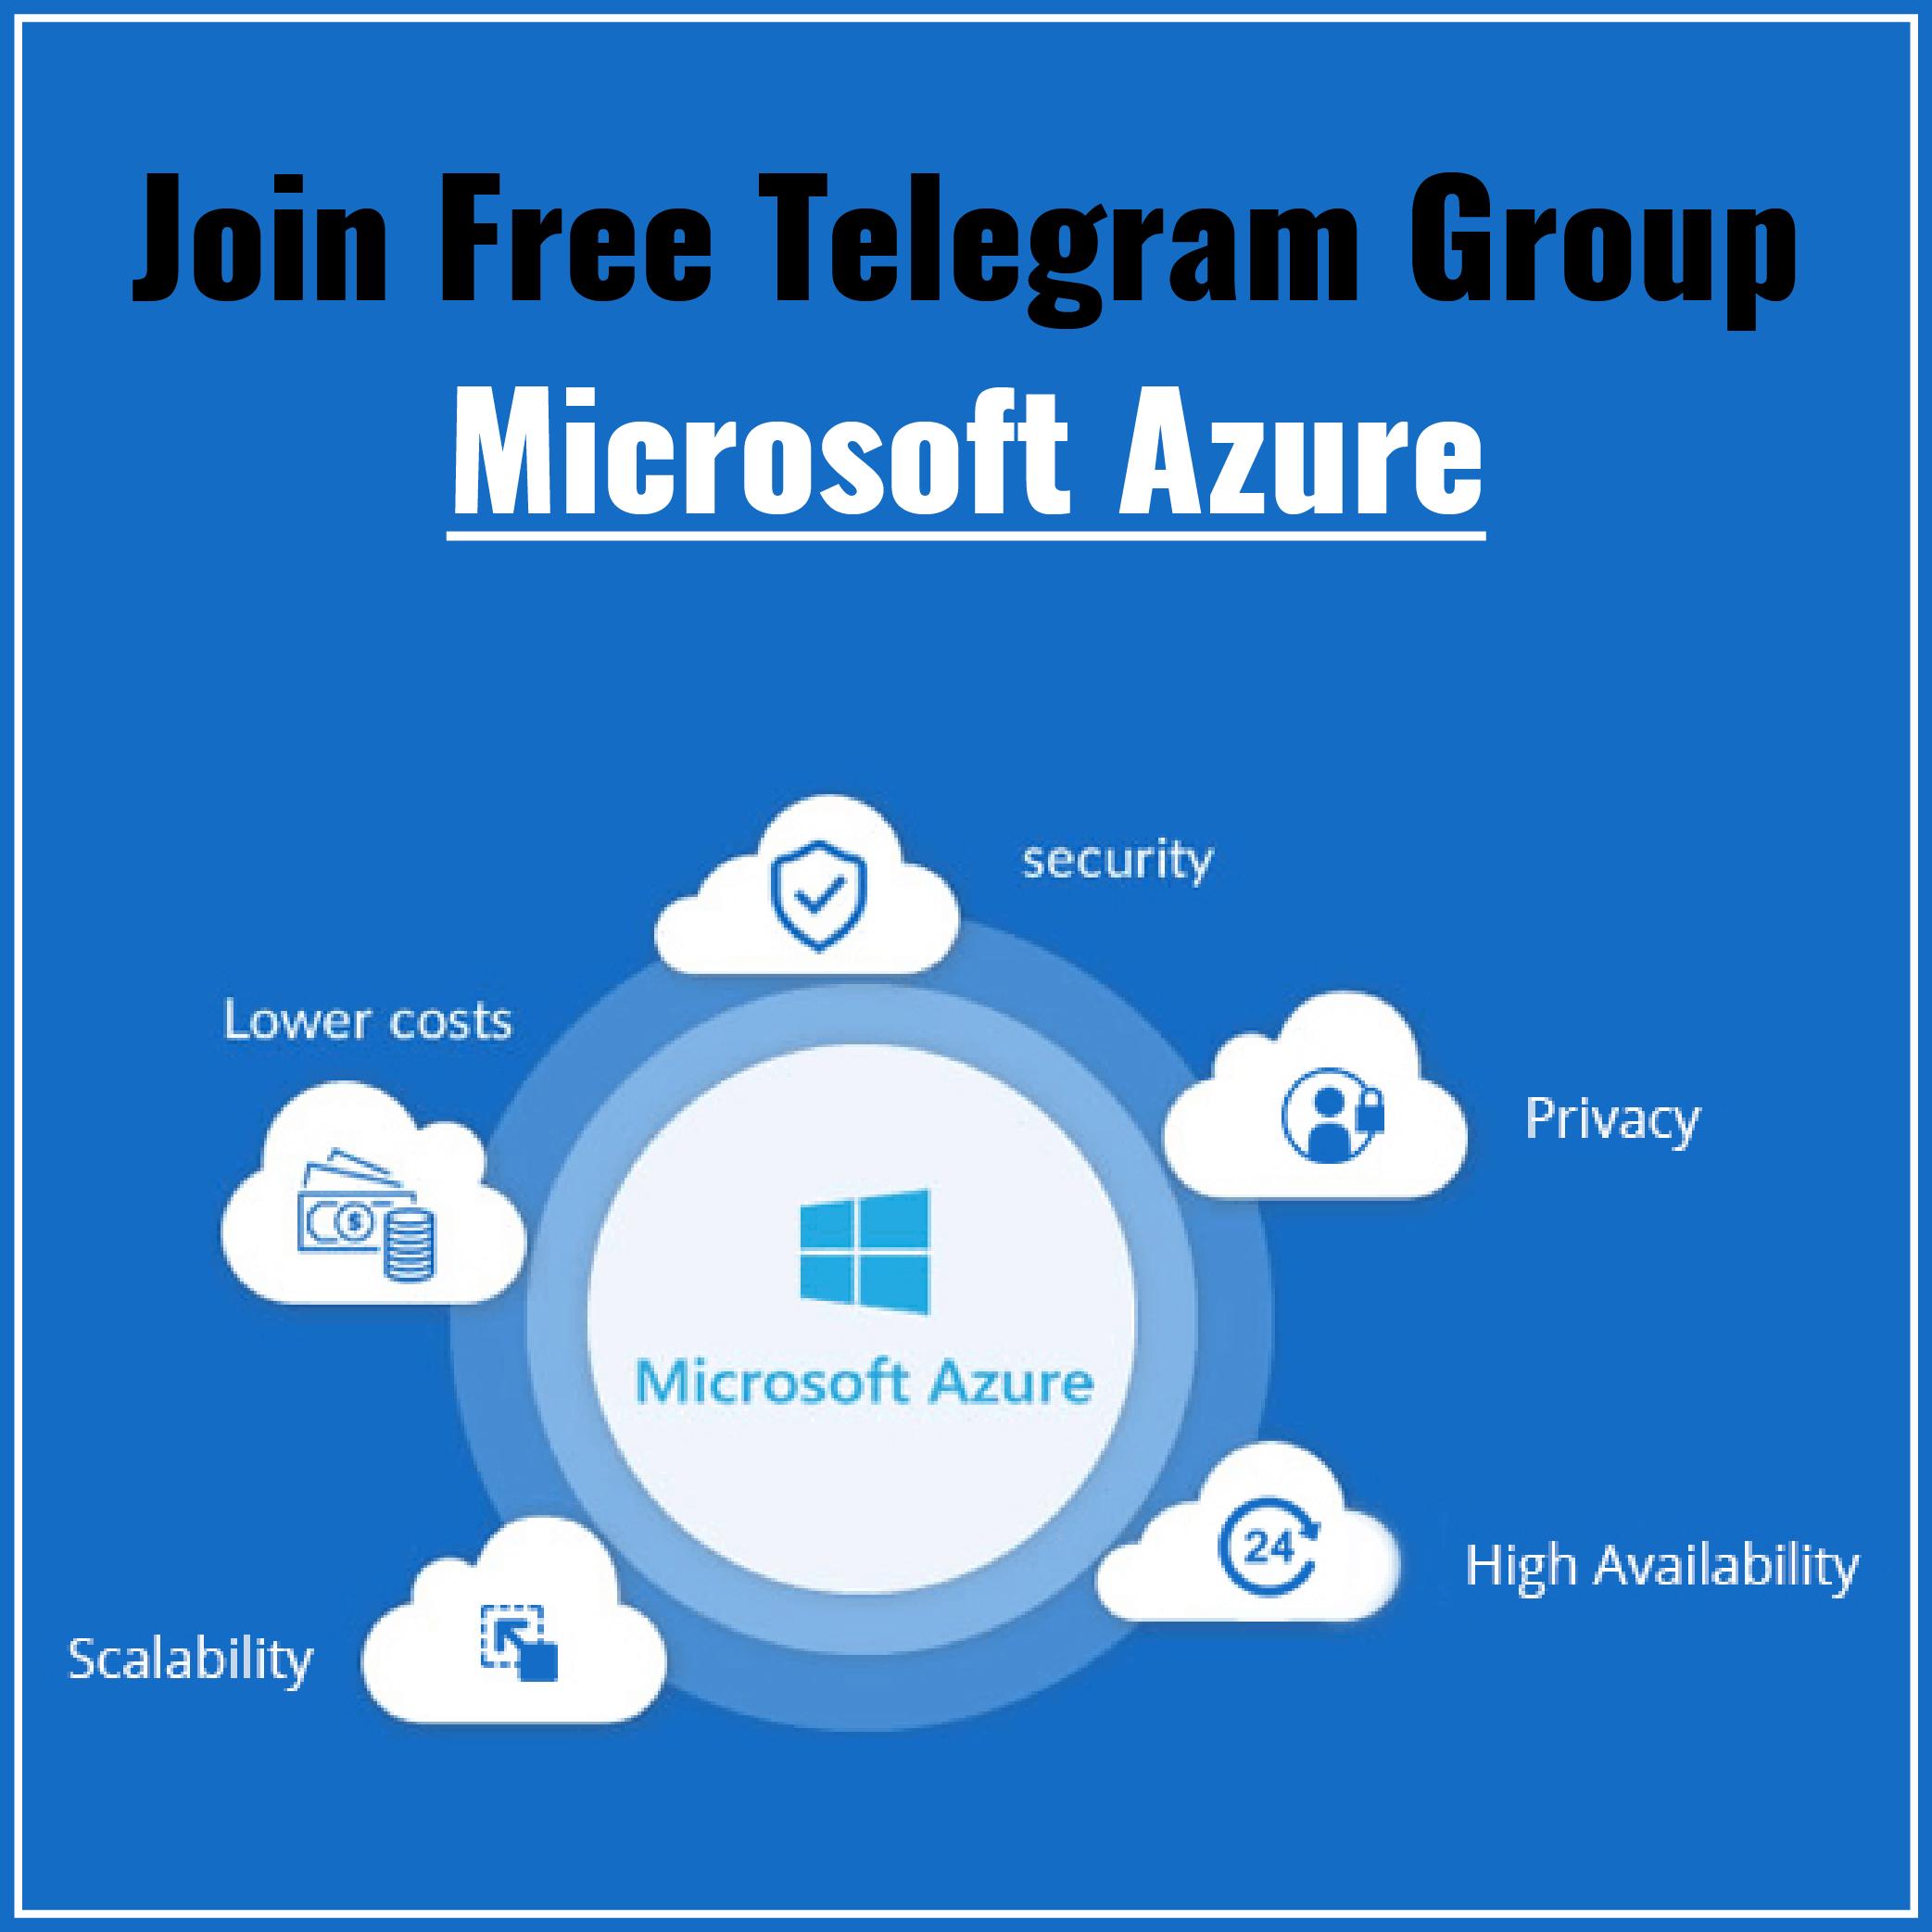 Azure Telegram Group